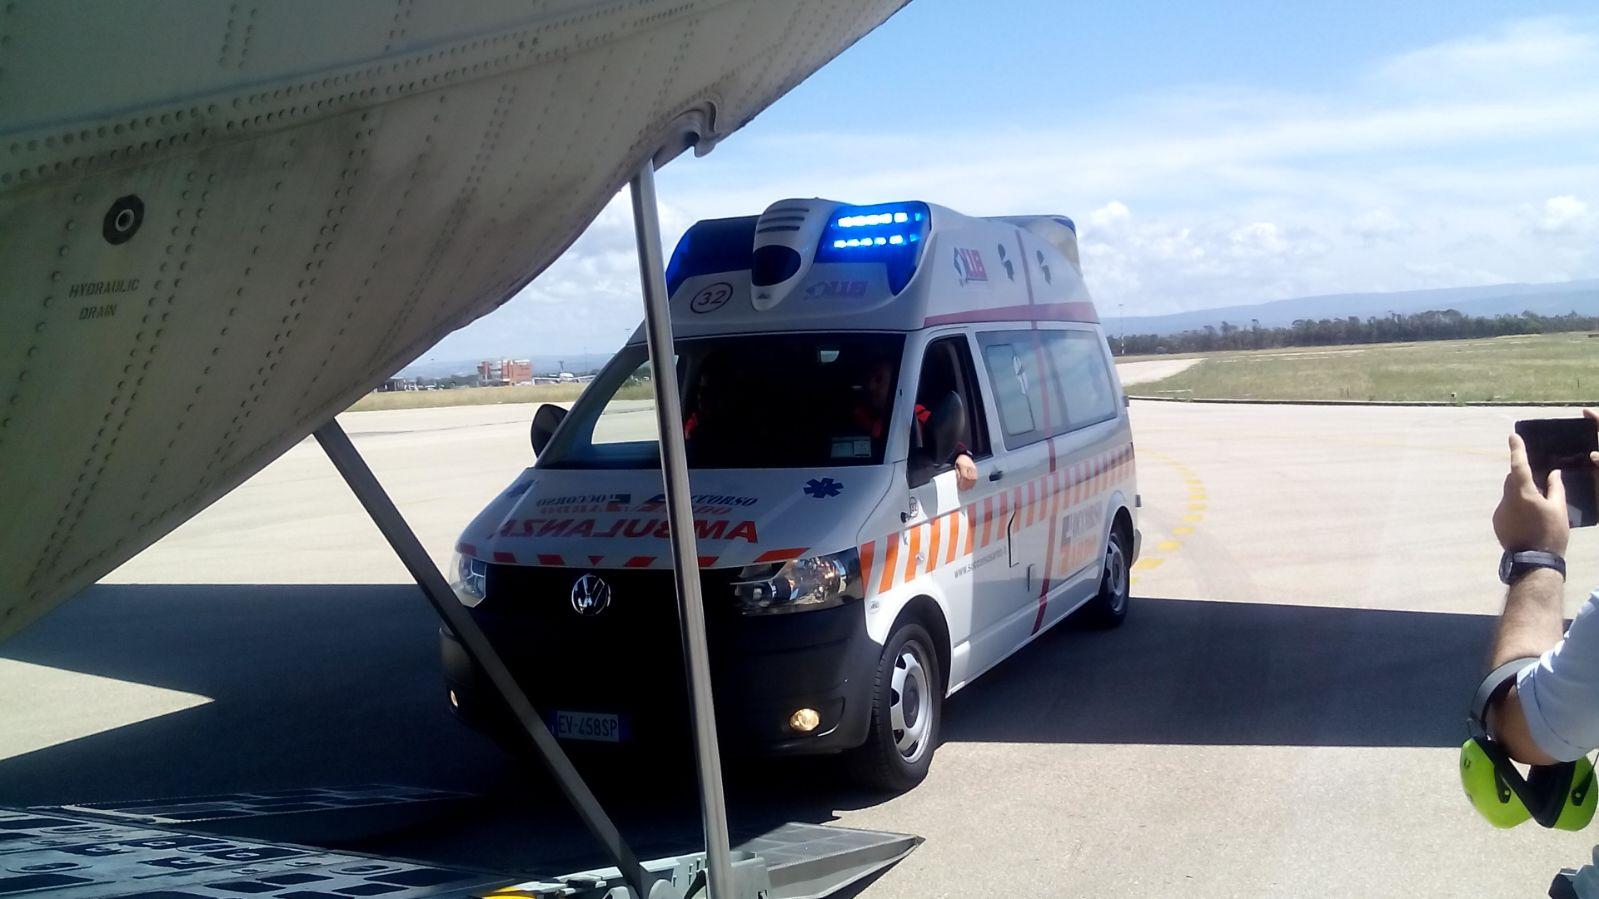 Bimbo in pericolo di vita, trasportato da Alghero a Genova con un C-130 dell'Aeronautica | Emergency Live 3